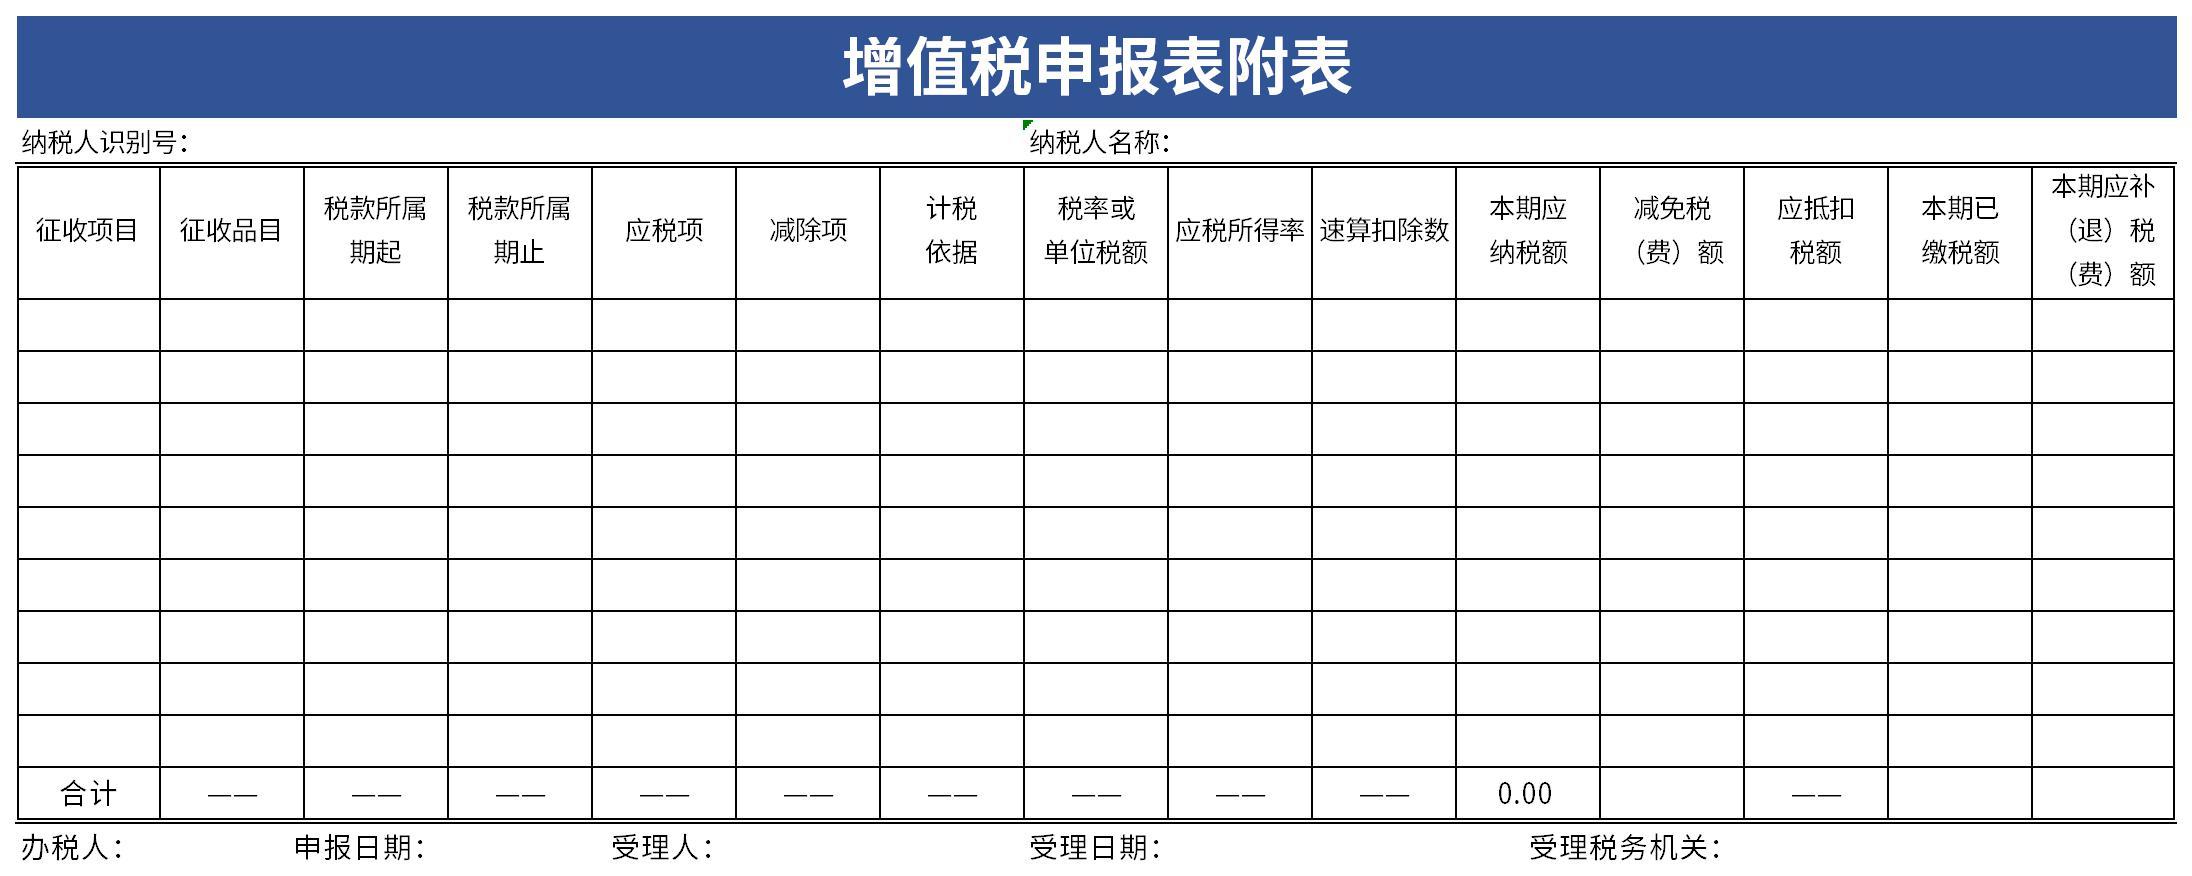 增值税申报表附表三截图